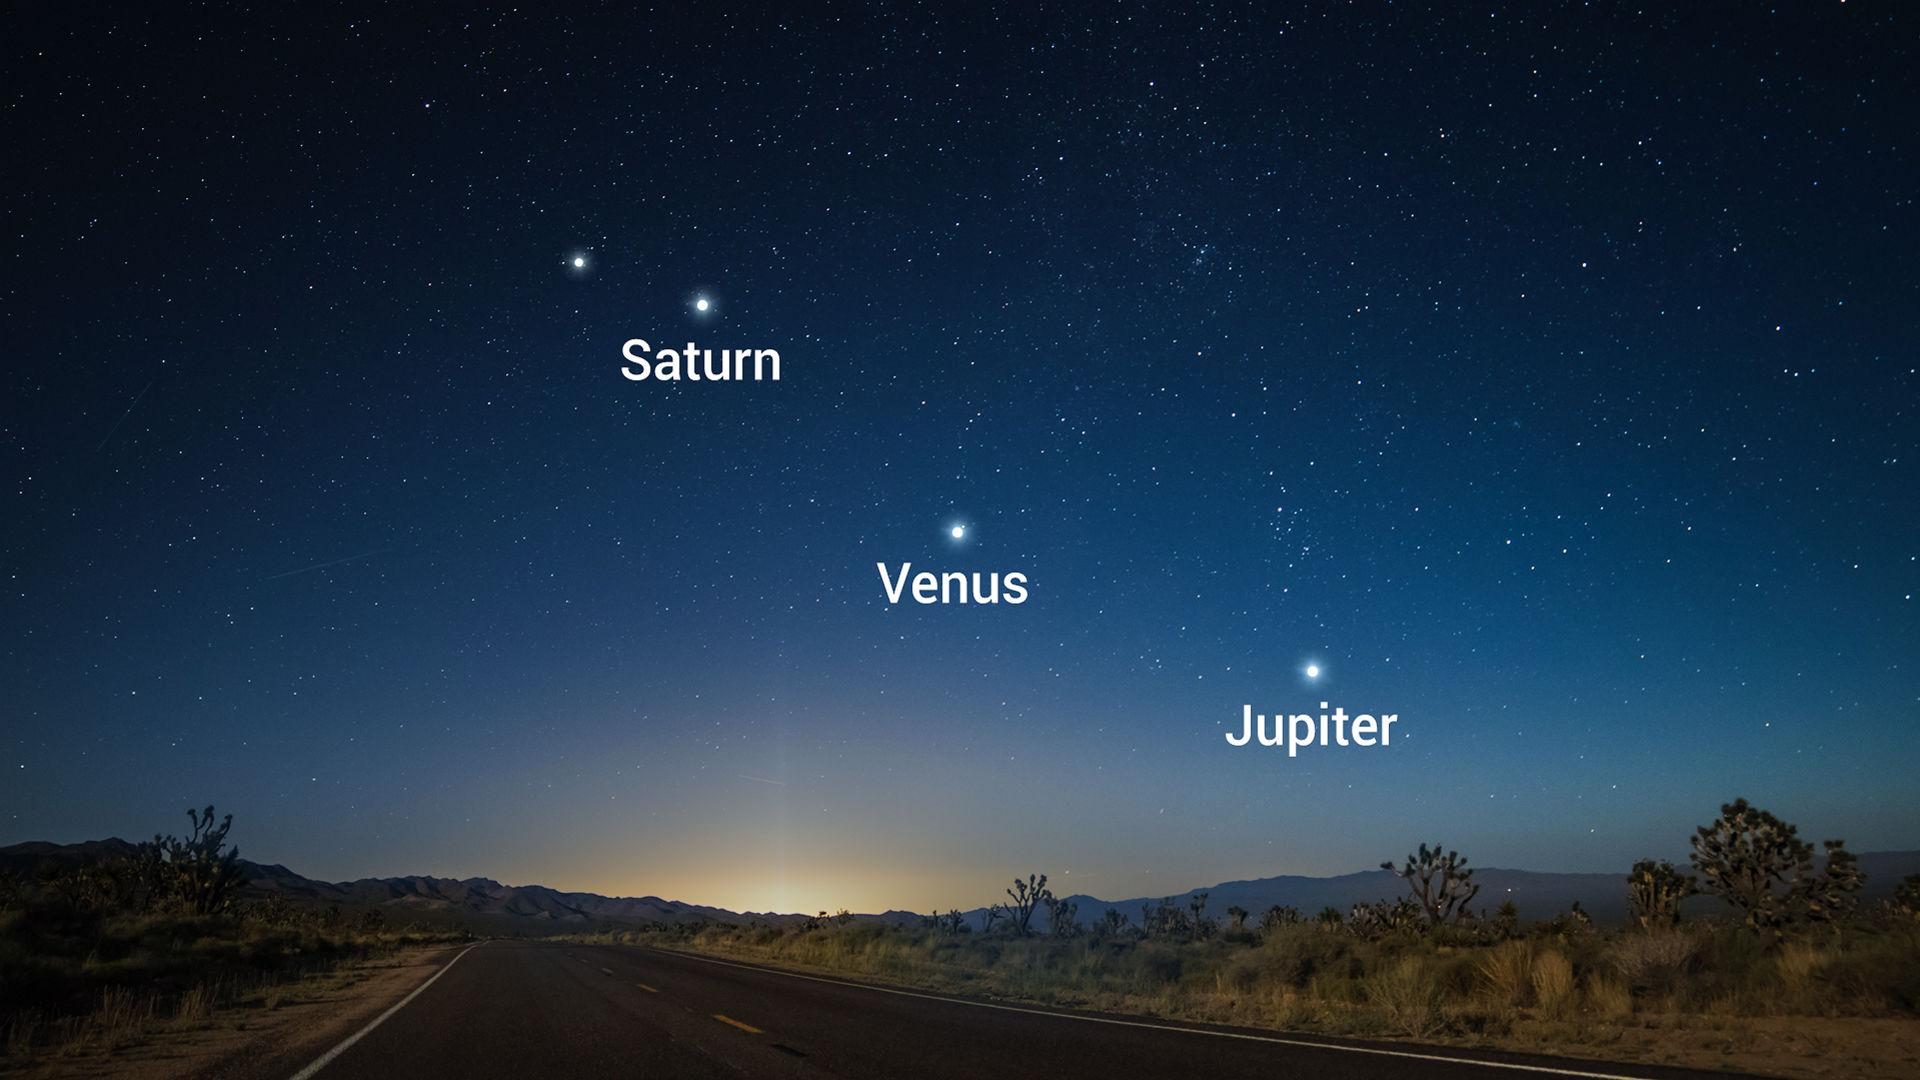 Ein Zusammentreffen von drei hellen Planeten